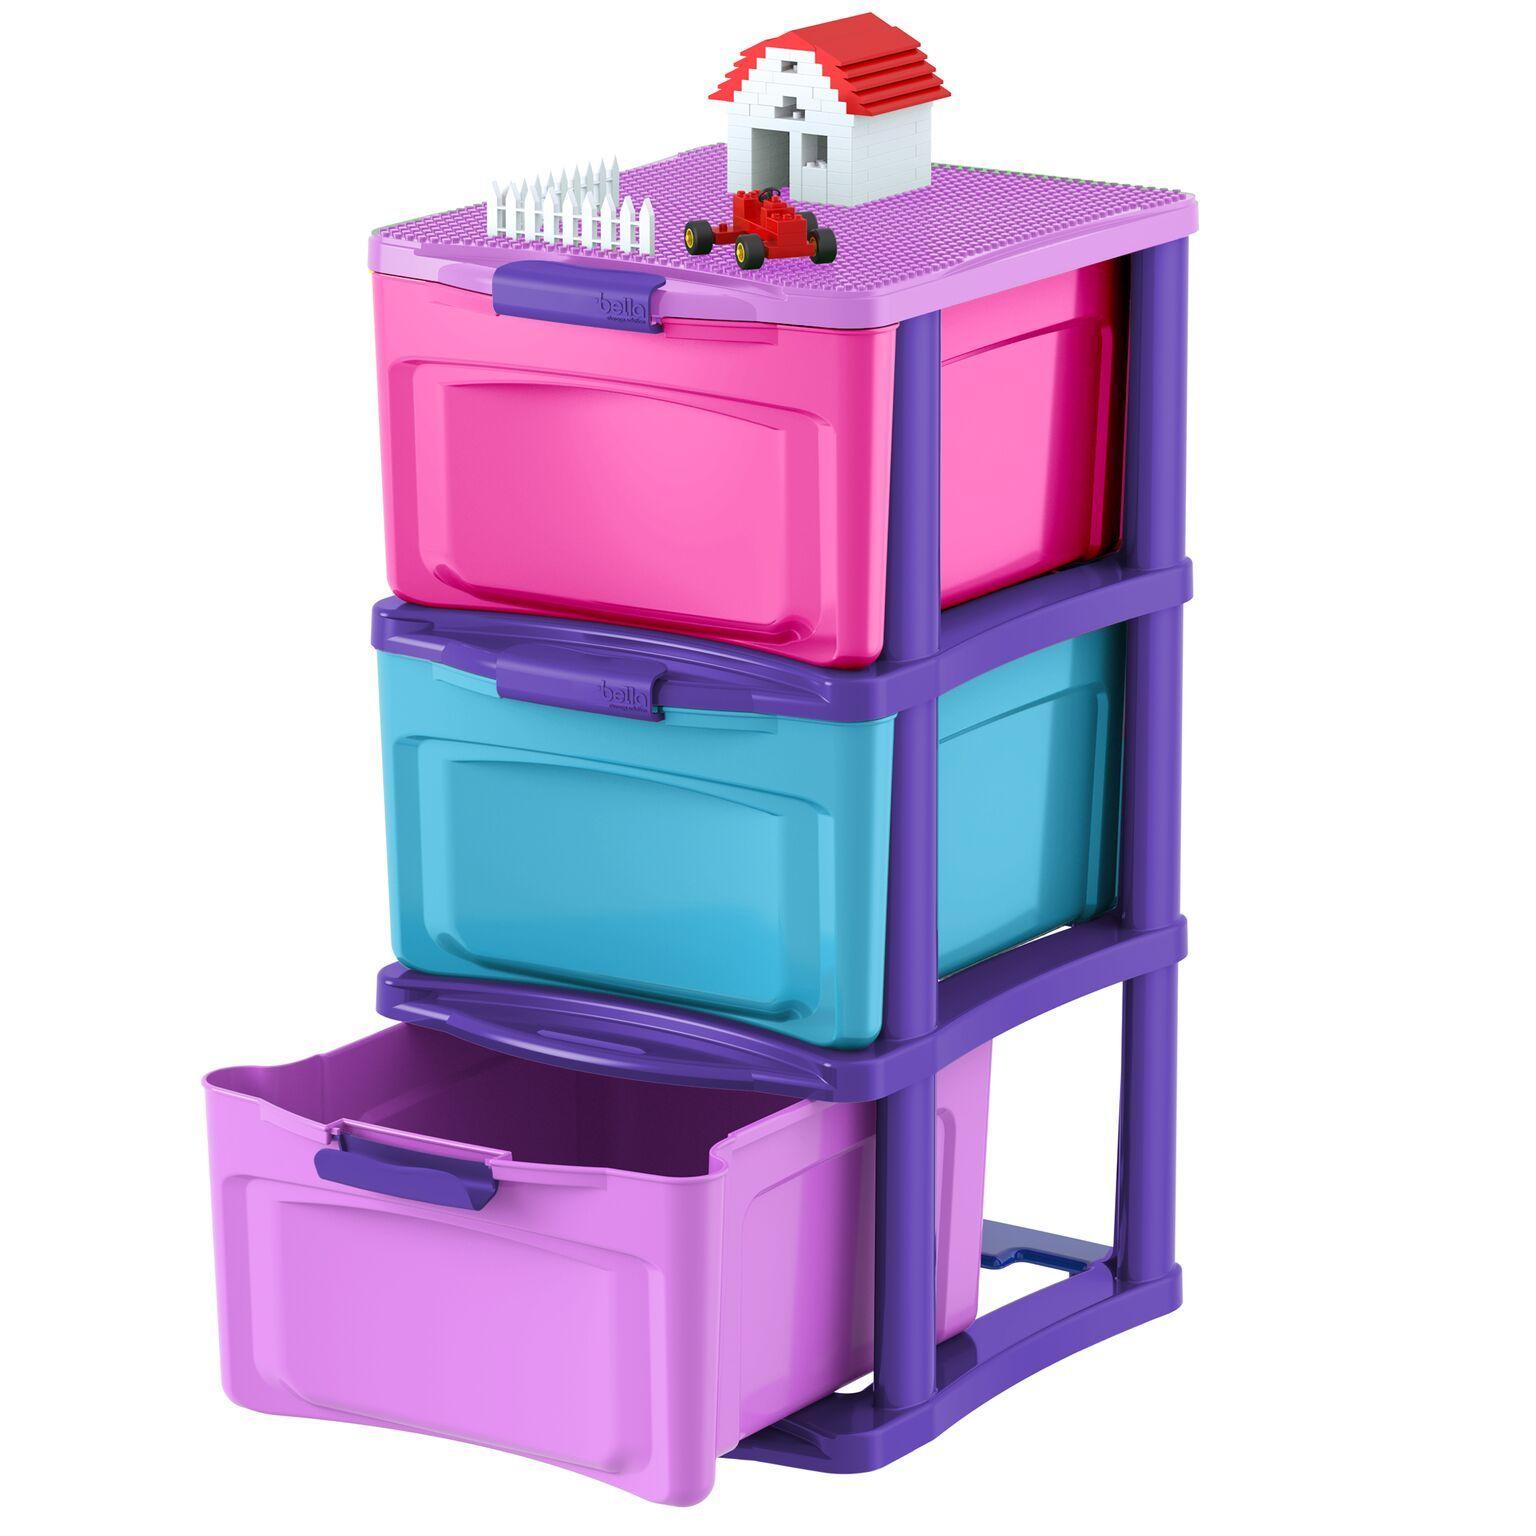 3 drawer medium locking chest with wheels storage